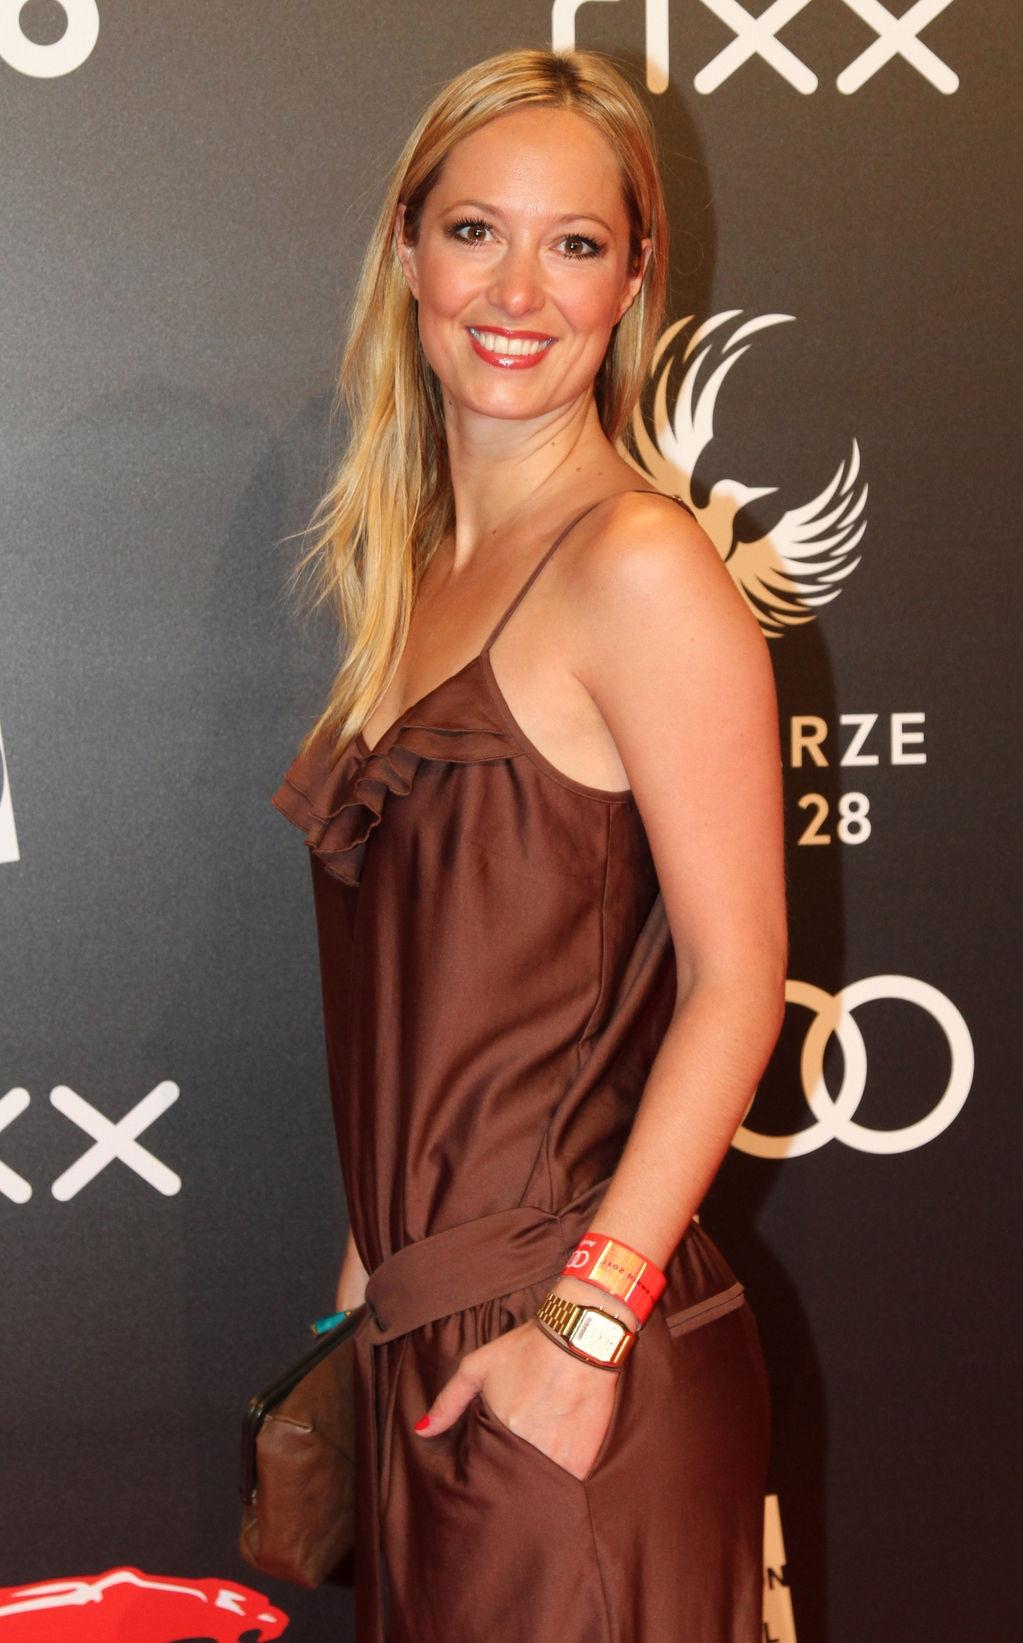 Angela Finger-Erben Sexy Collection (34 Photos + Video)